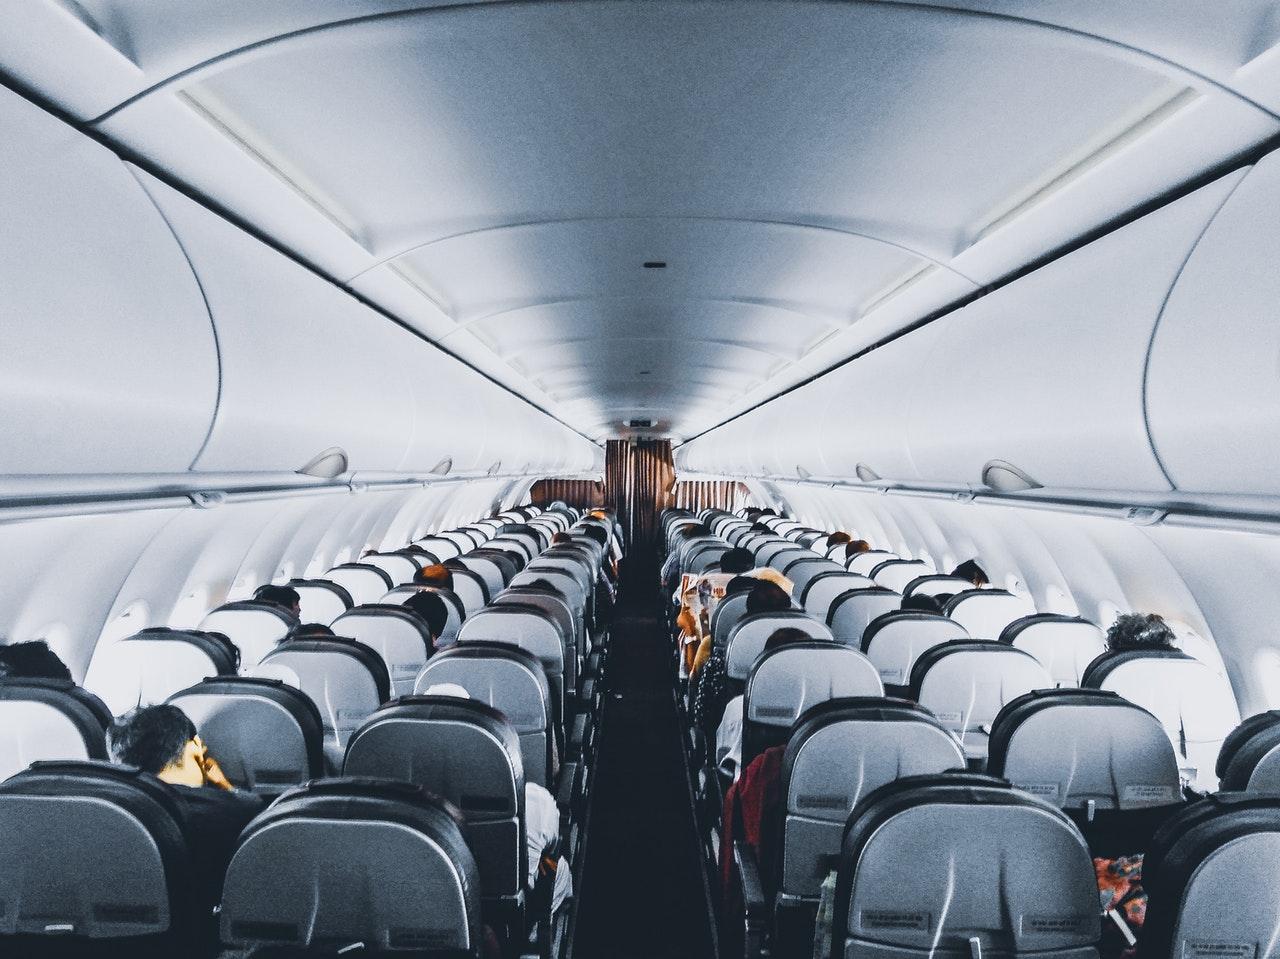 Problemas comuns em voos atrasados